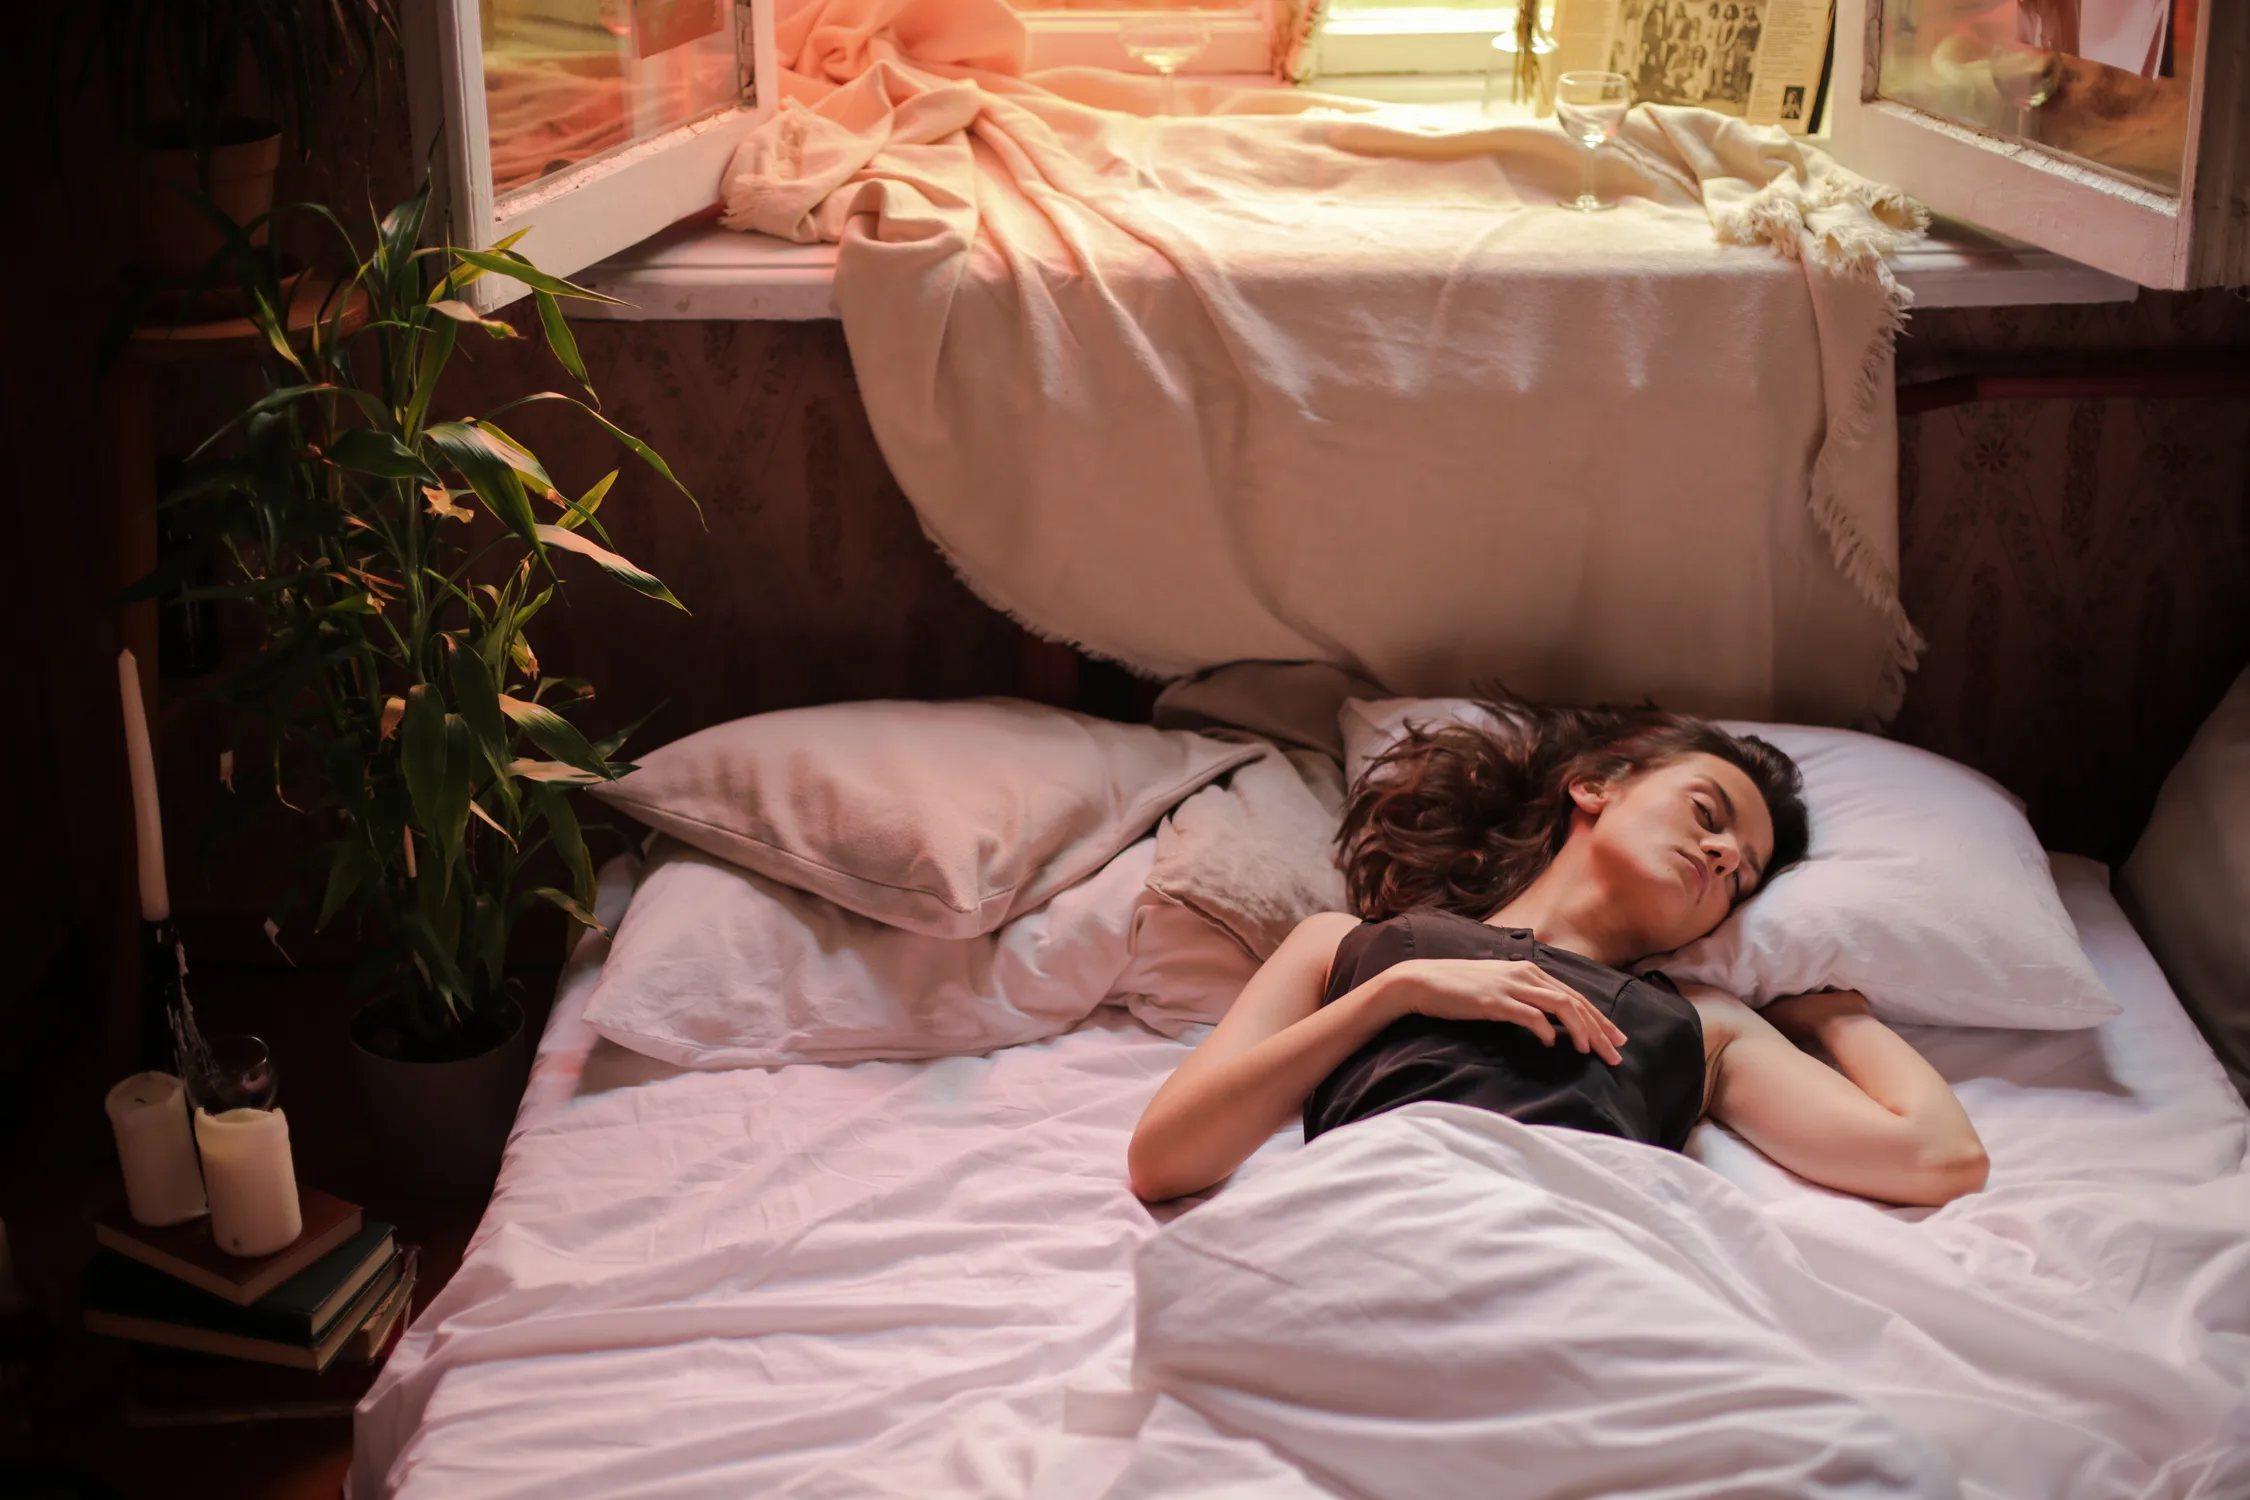 相較於每天有睡9小時的人,睡眠時間小於5小時的人肝功異常機率增加為35%的,並且...